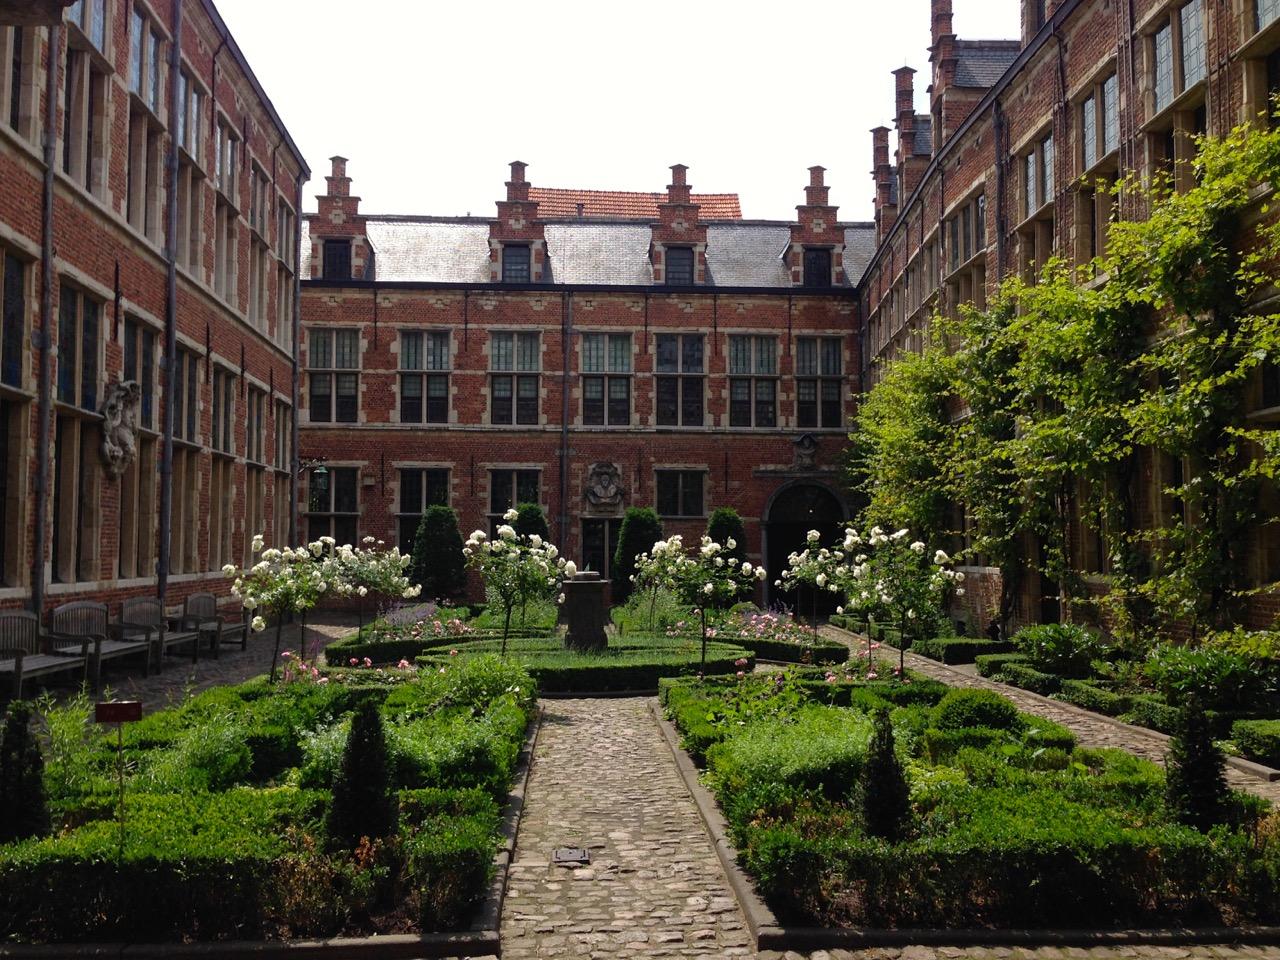 Plantin-Moretus House-Workshops-Museum Complex - Belgium